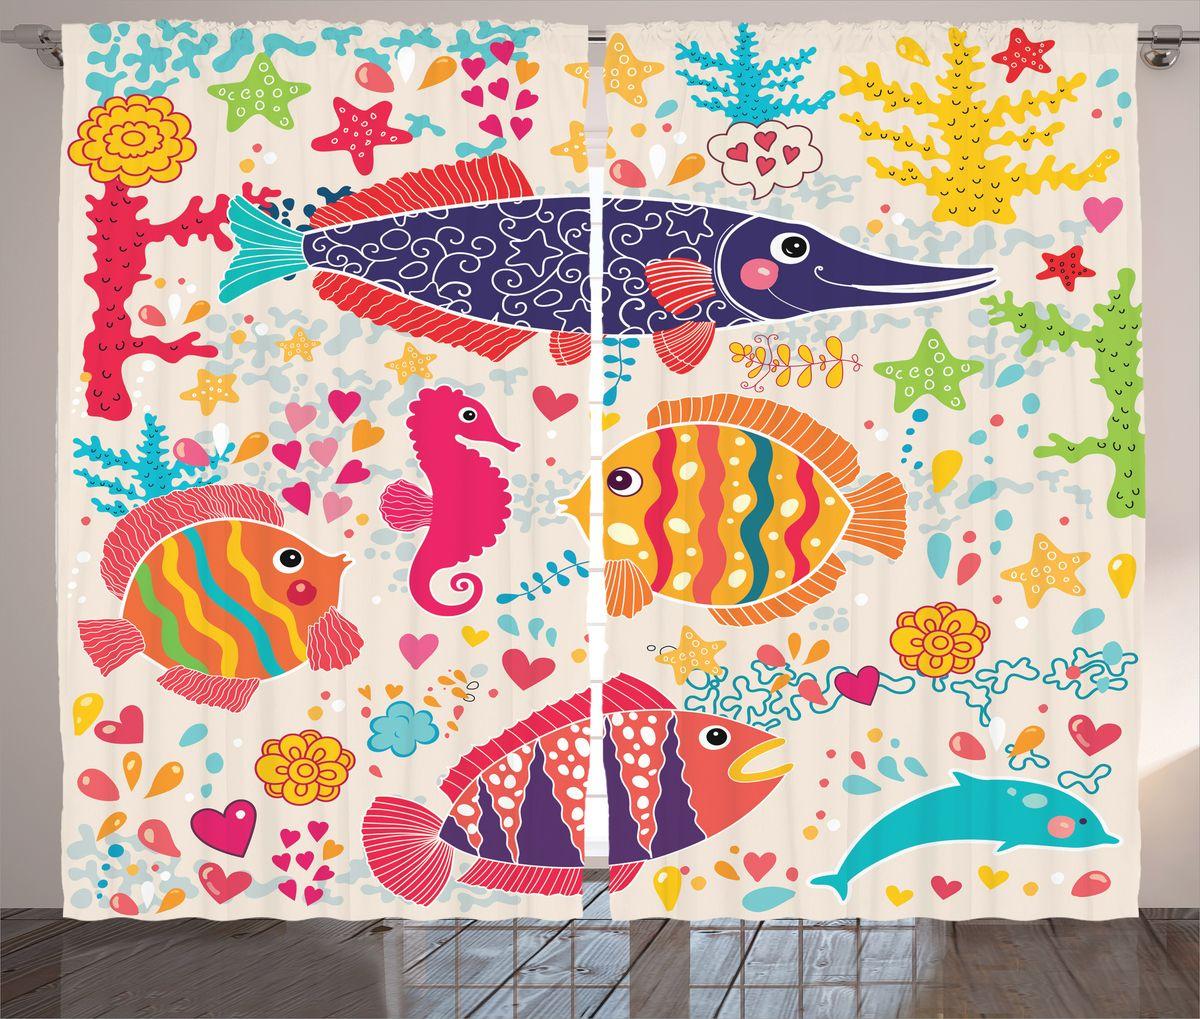 Комплект фотоштор Magic Lady Влюбленные рыбки, на ленте, высота 265 см. шсг_17279шсг_17279Компания Сэмболь изготавливает шторы из высококачественного сатена (полиэстер 100%). При изготовлении используются специальные гипоаллергенные чернила для прямой печати по ткани, безопасные для человека и животных. Экологичность продукции Magic lady и безопасность для окружающей среды подтверждены сертификатом Oeko-Tex Standard 100. Крепление: крючки для крепления на шторной ленте (50 шт). Возможно крепление на трубу. Внимание! При нанесении сублимационной печати на ткань технологическим методом при температуре 240°С, возможно отклонение полученных размеров (указанных на этикетке и сайте) от стандартных на + - 3-5 см. Производитель старается максимально точно передать цвета изделия на фотографиях, однако искажения неизбежны и фактический цвет изделия может отличаться от воспринимаемого по фото. Обратите внимание! Шторы изготовлены из полиэстра сатенового переплетения, а не из сатина (хлопок). Размер одного полотна шторы: 145х265 см. В комплекте 2...